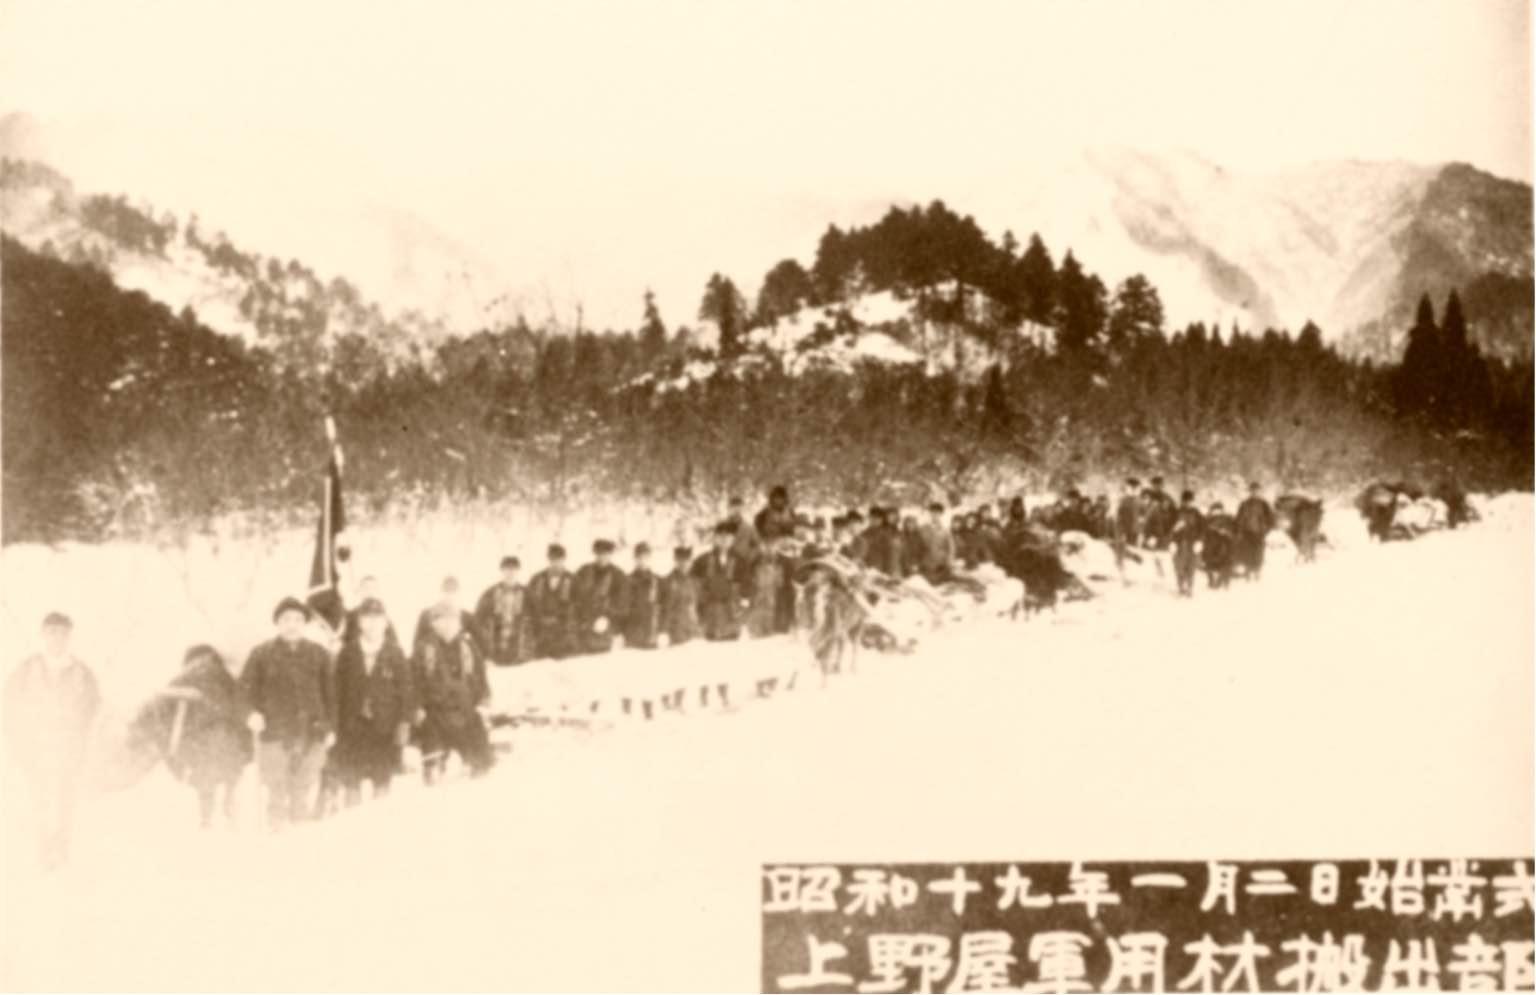 営林局・軍関係の仕事風景